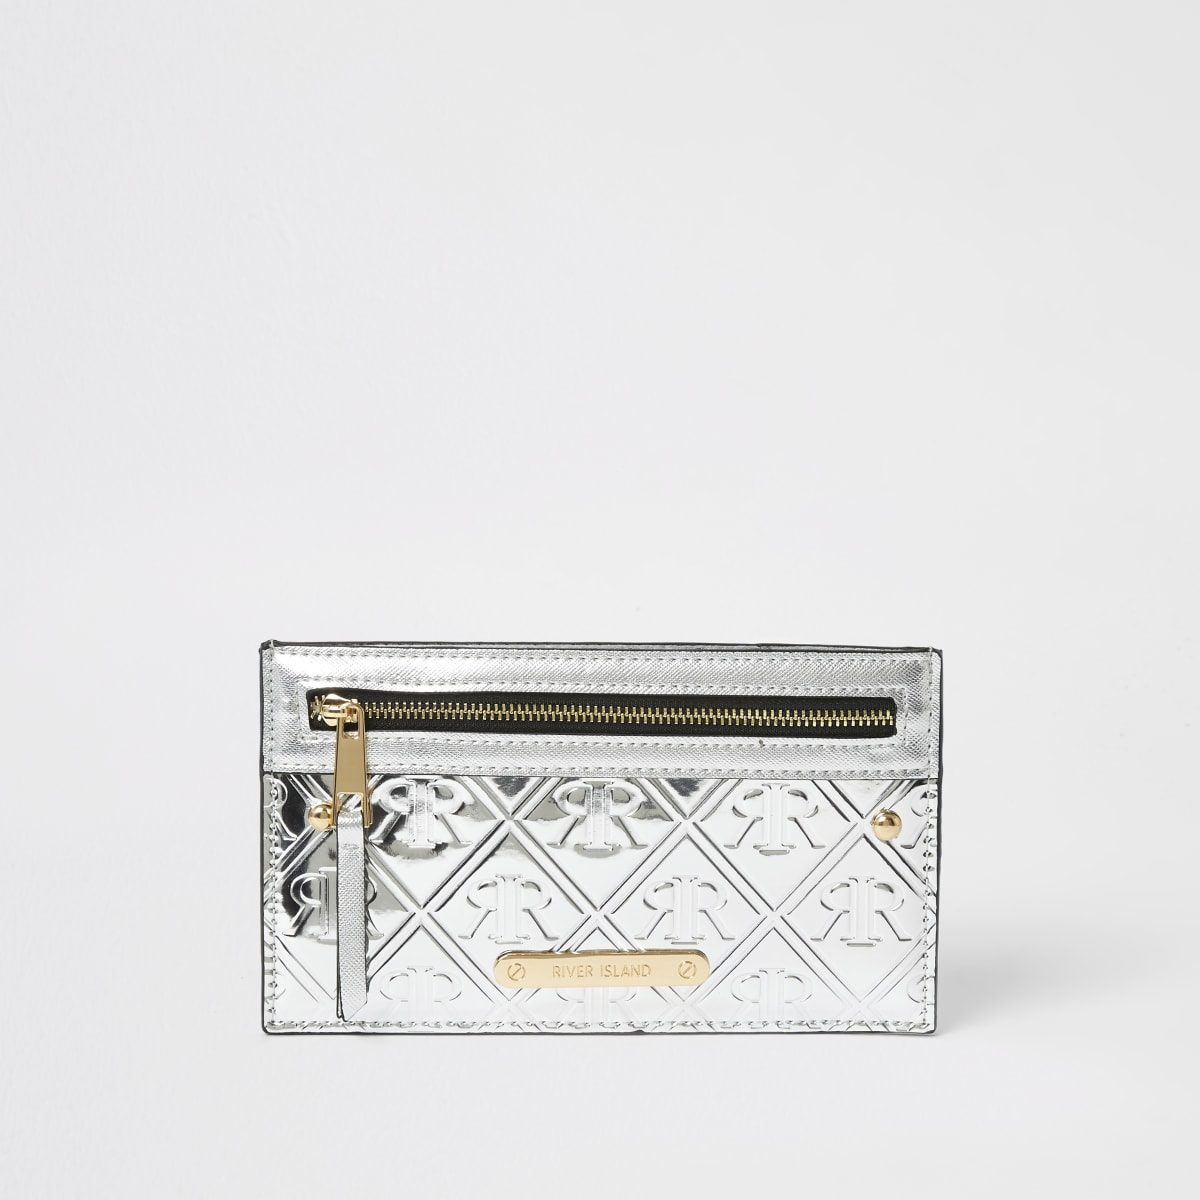 Silver metallic RI card holder pouch purse